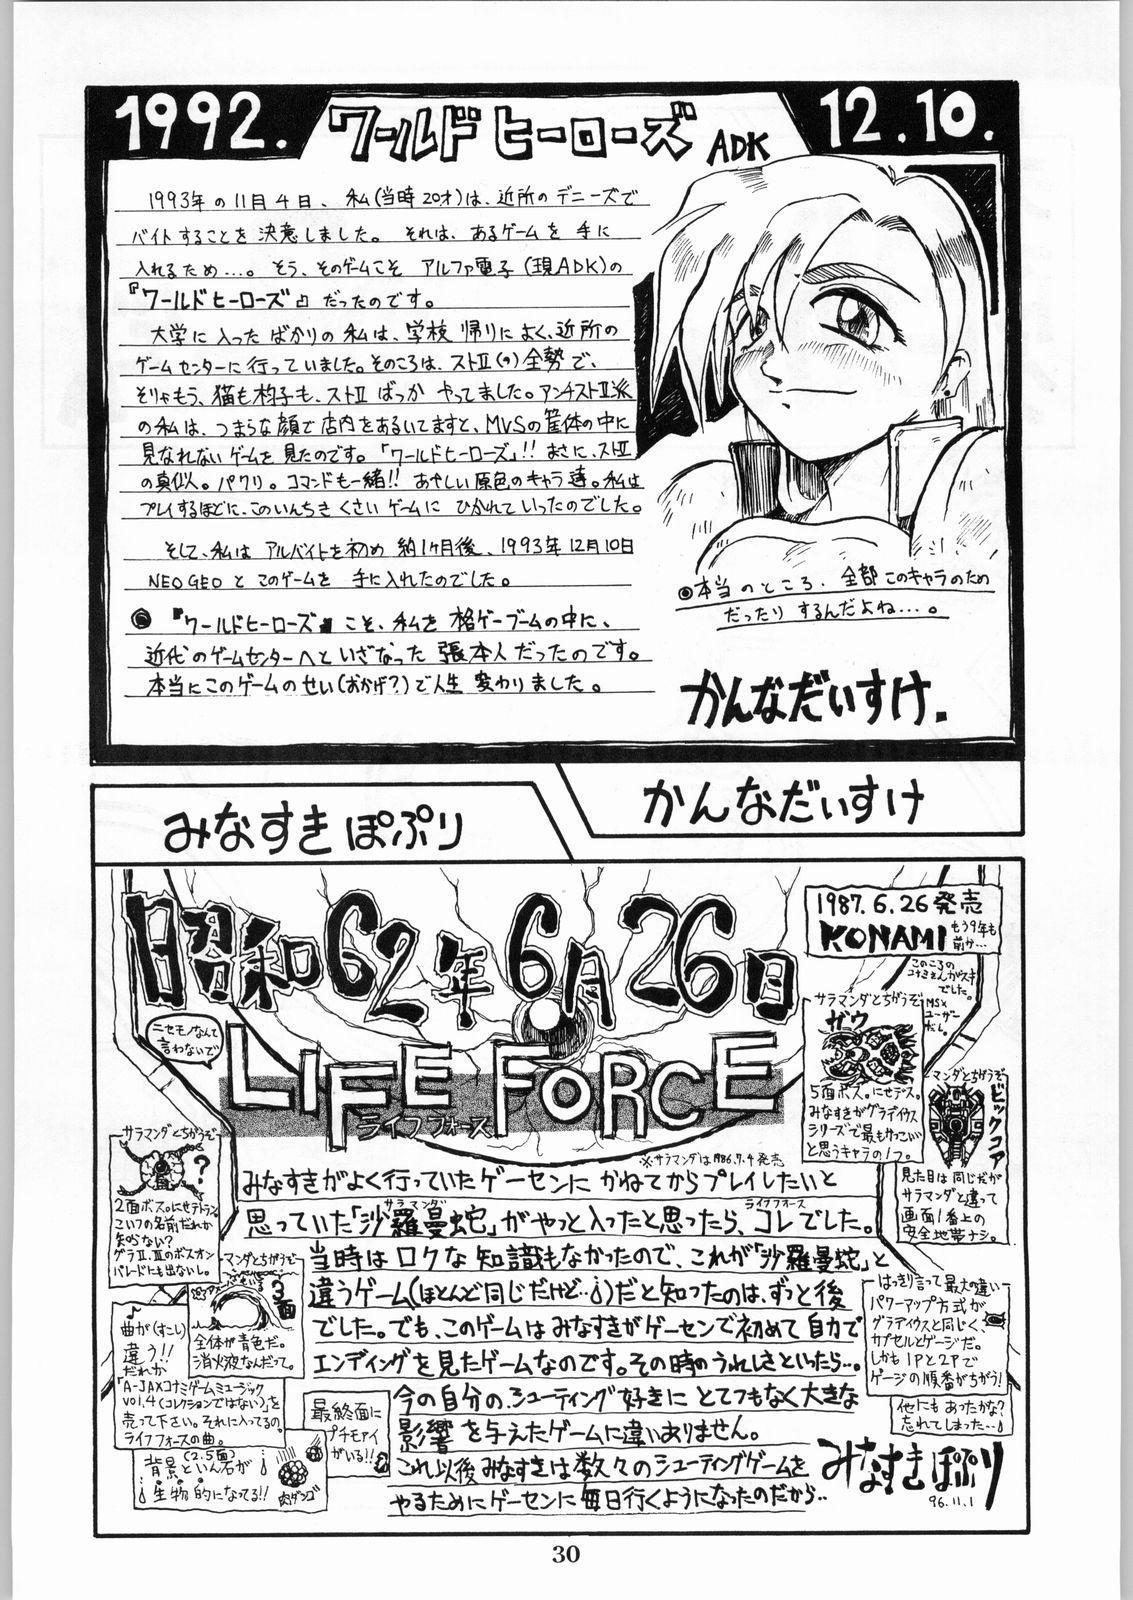 Shikiyoku Hokkedan 8 29